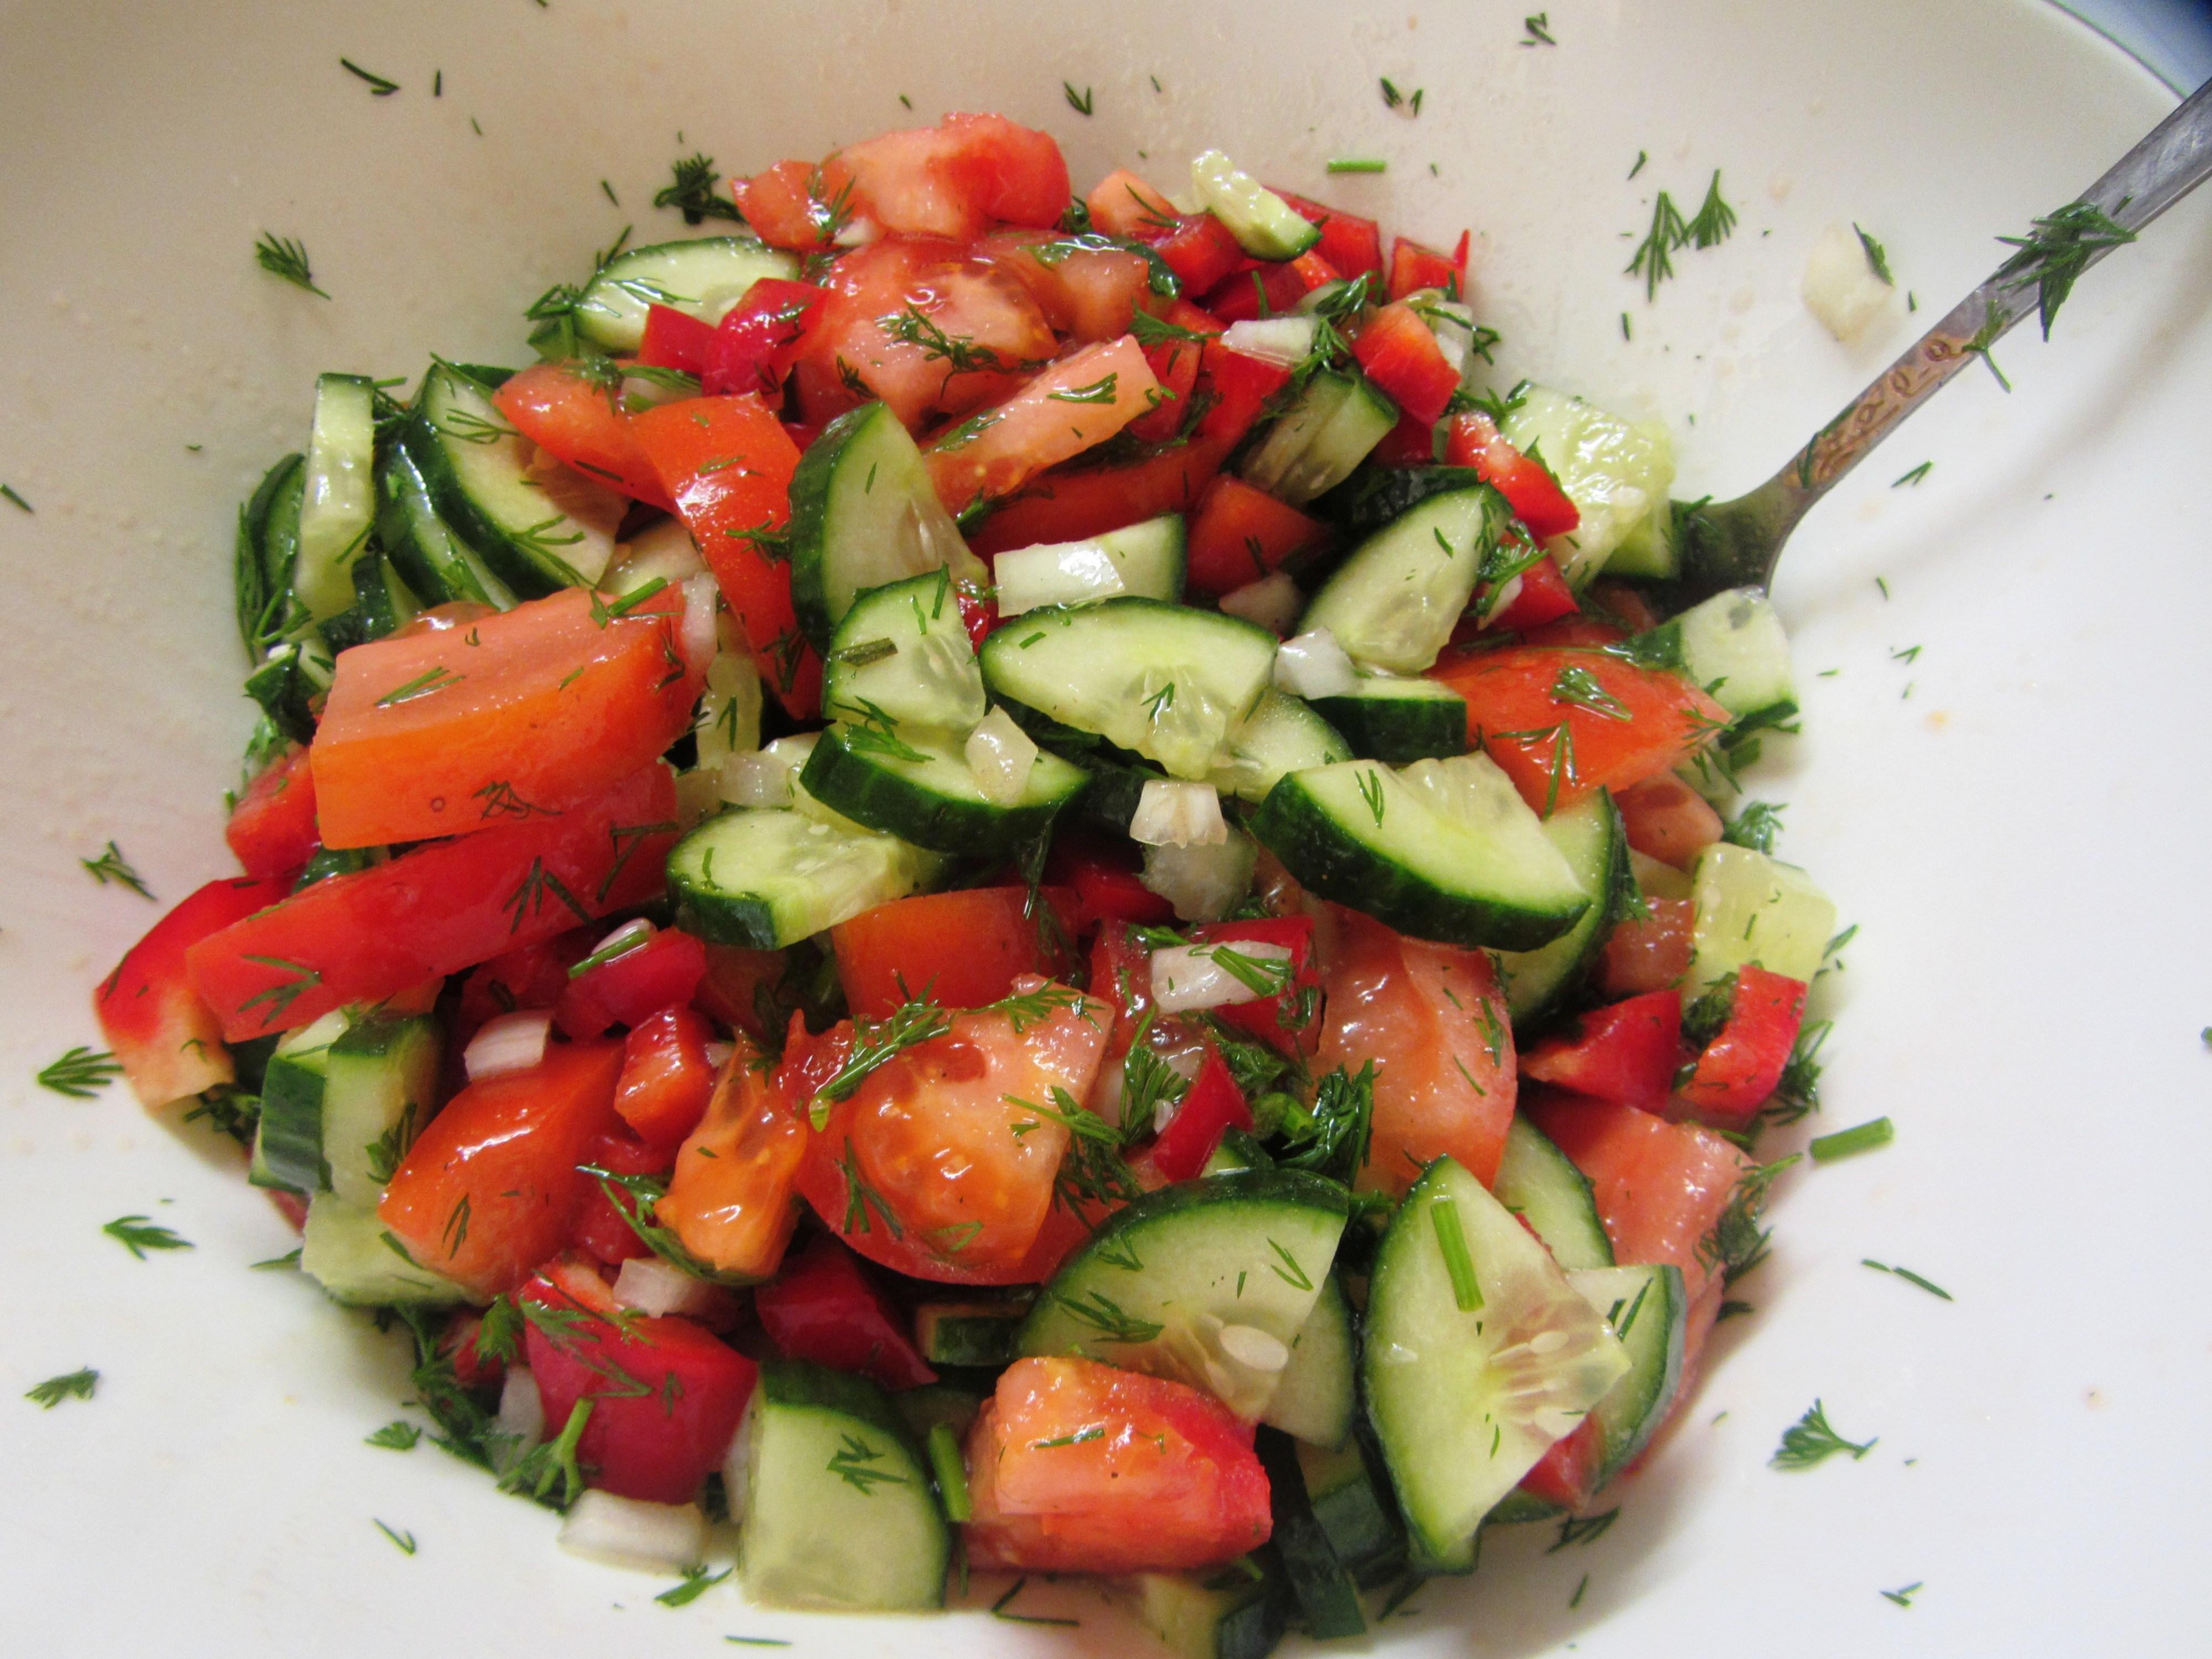 Салаты из свежих овощей рецепты с фото многолюден